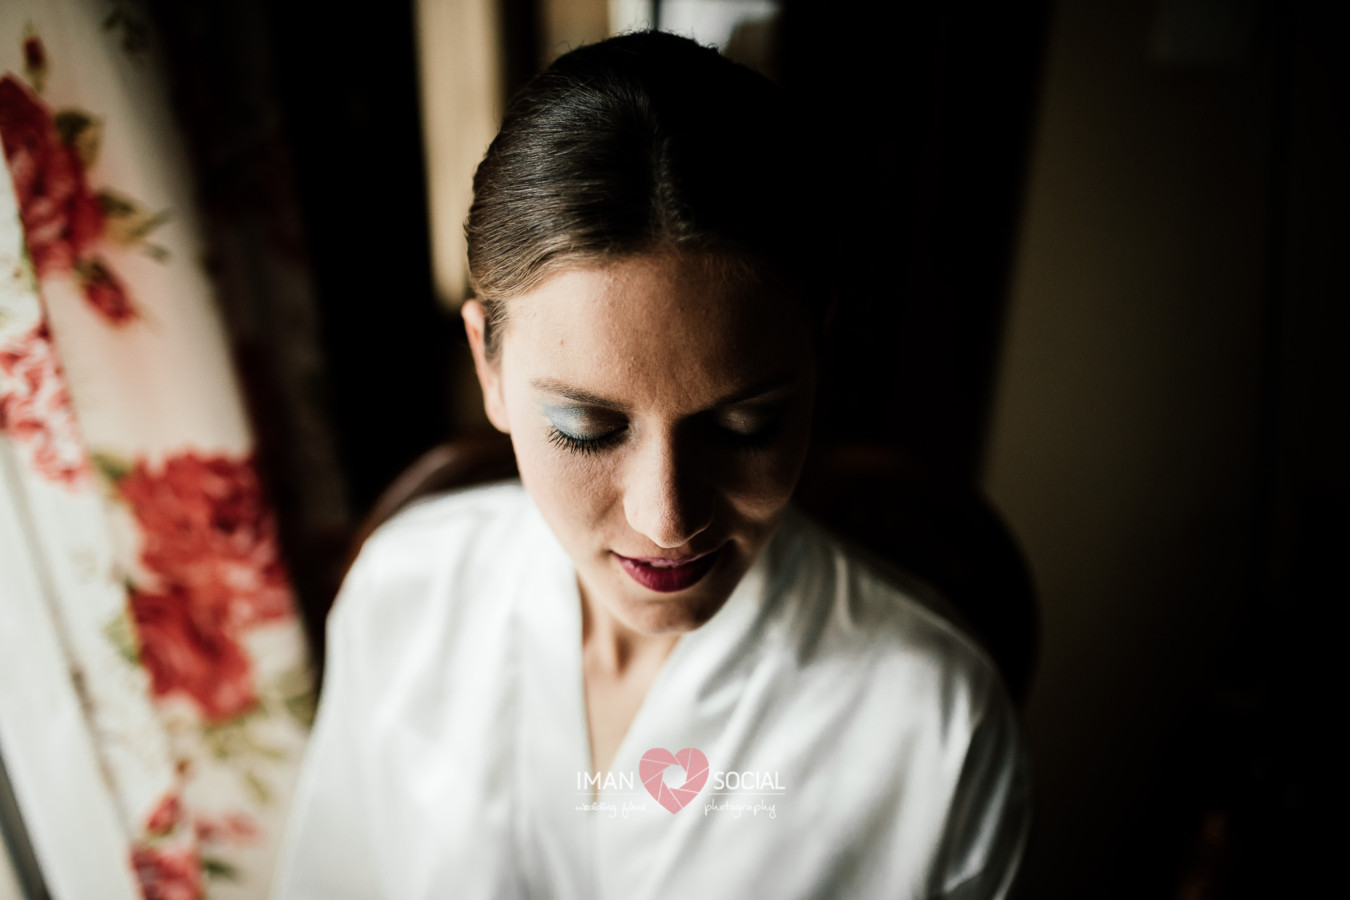 fotografo-de-boda-en-cordoba-sevilla-posadas-boda-auxi-y-antonio-20 Auxi & Antonio, primera boda de la temporada - video boda cordoba